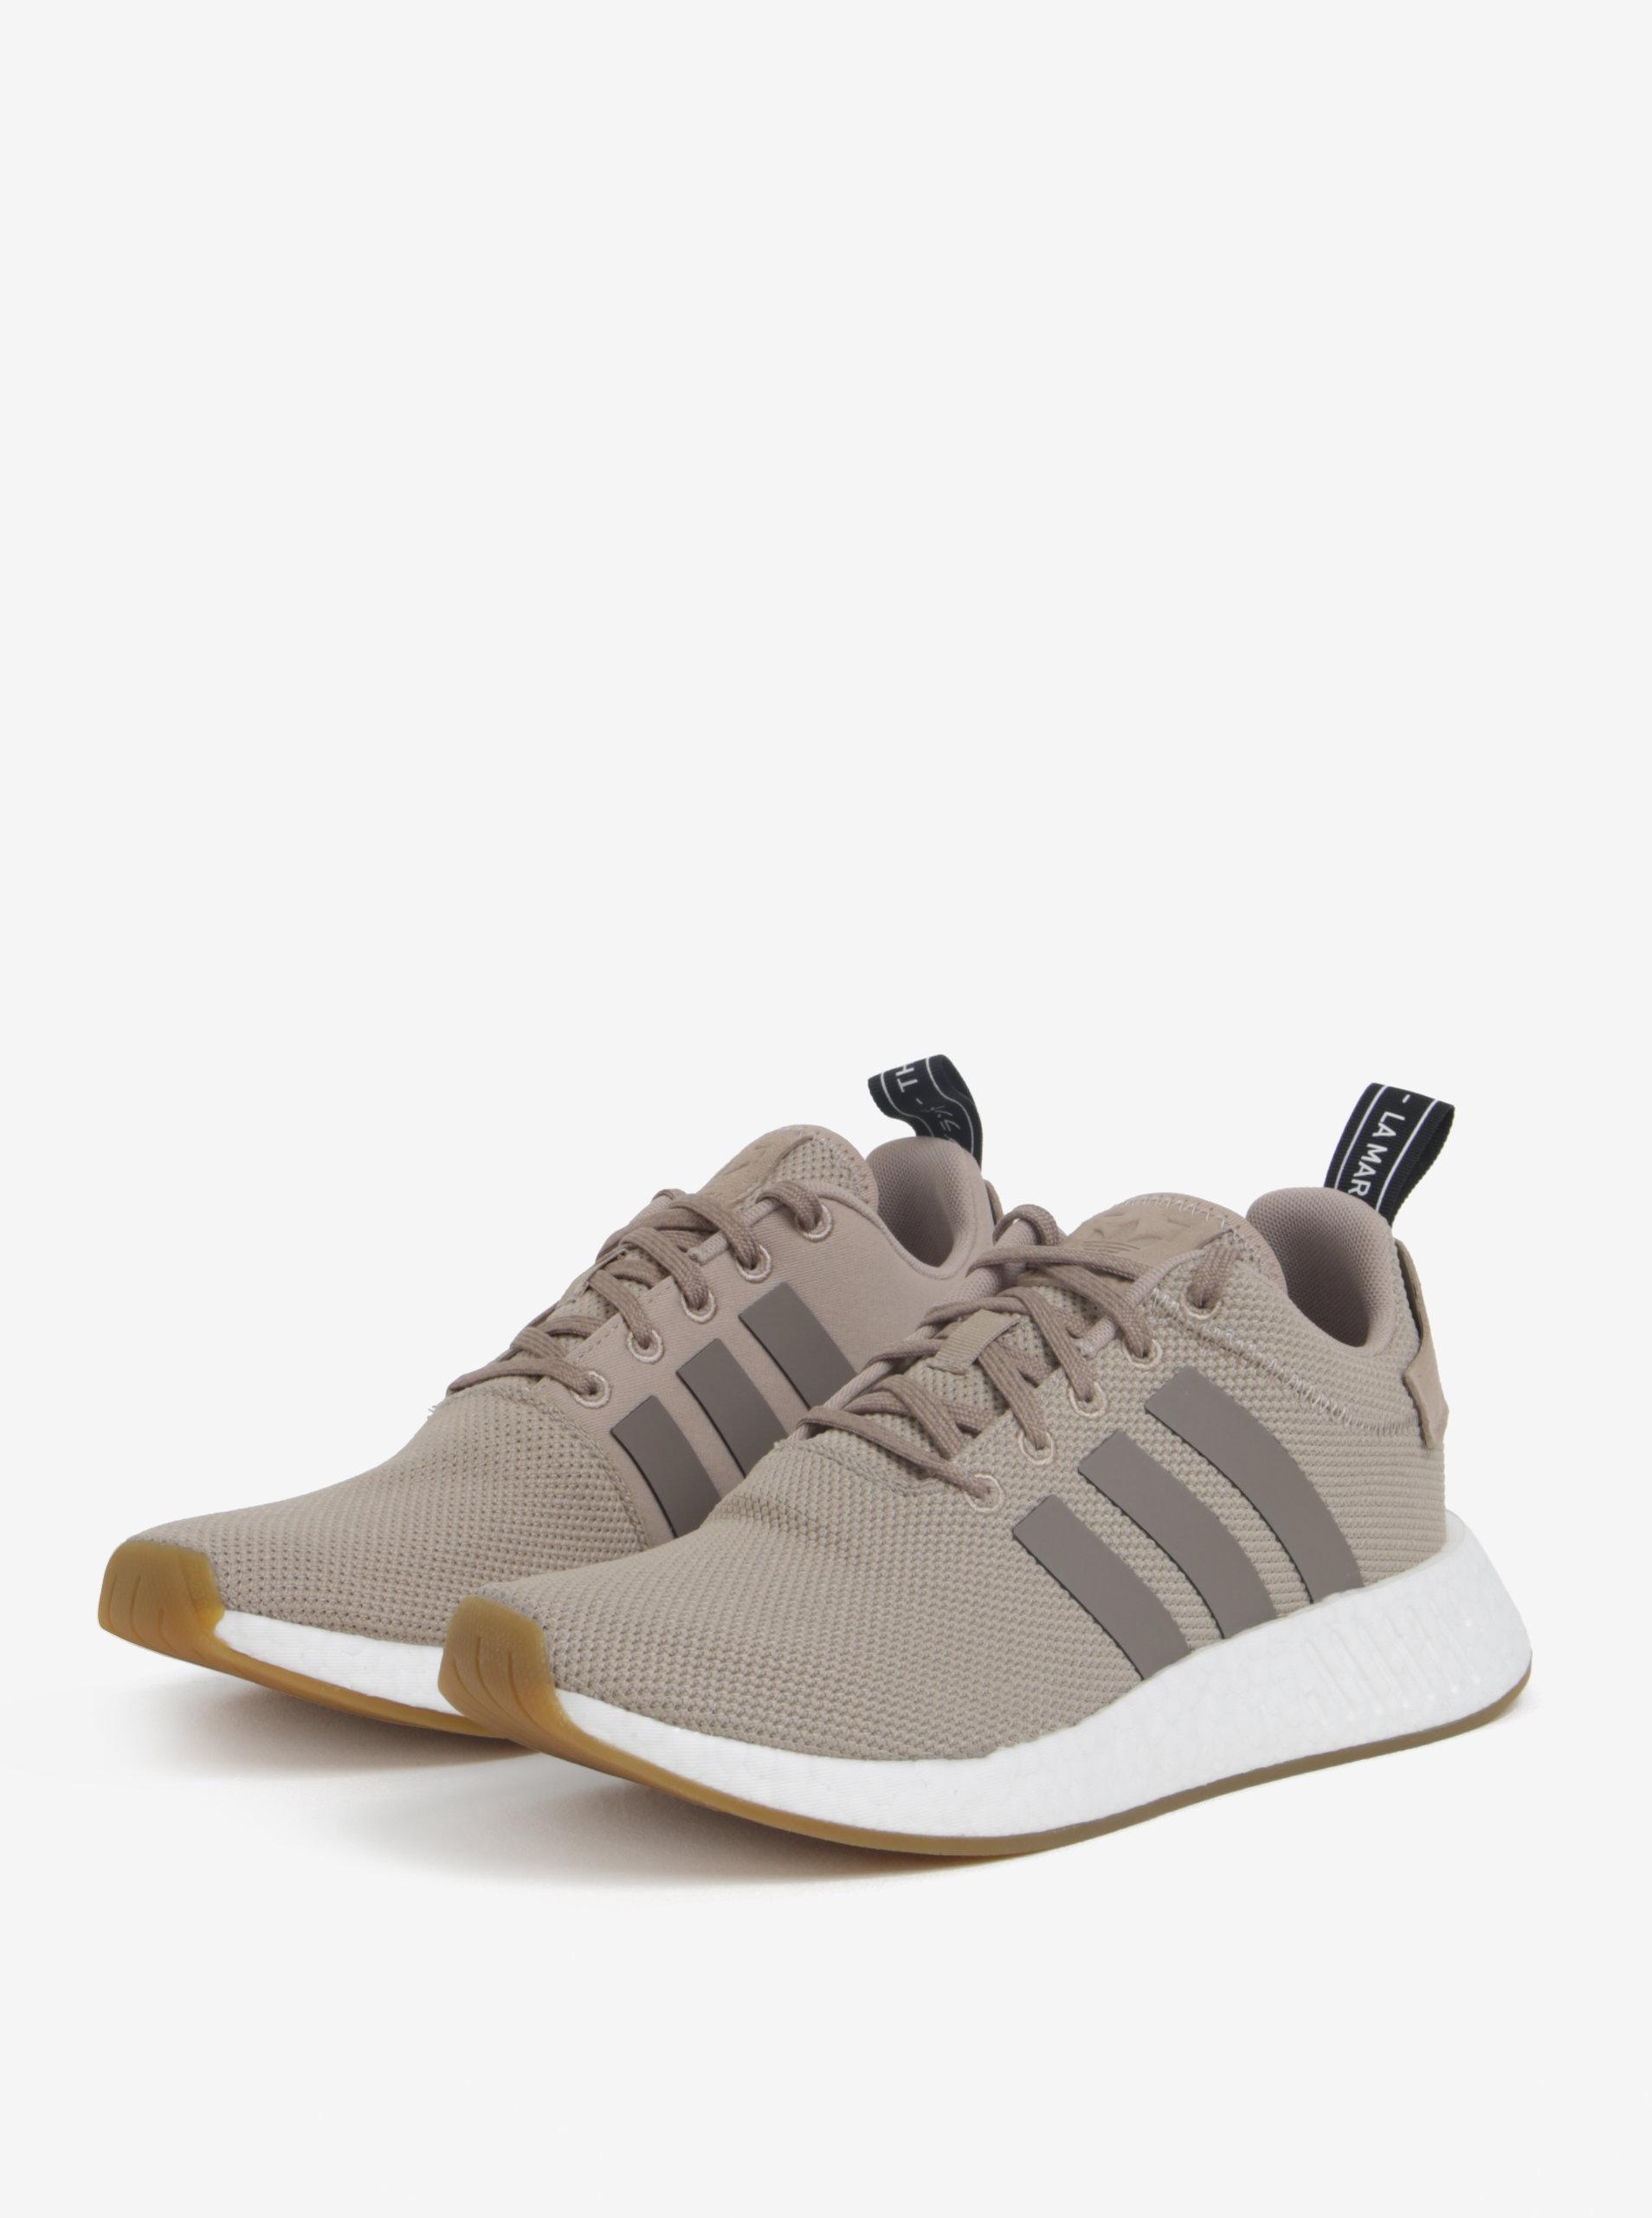 Béžové pánské tenisky adidas Originals NMD R2 ... b06a3ba7875